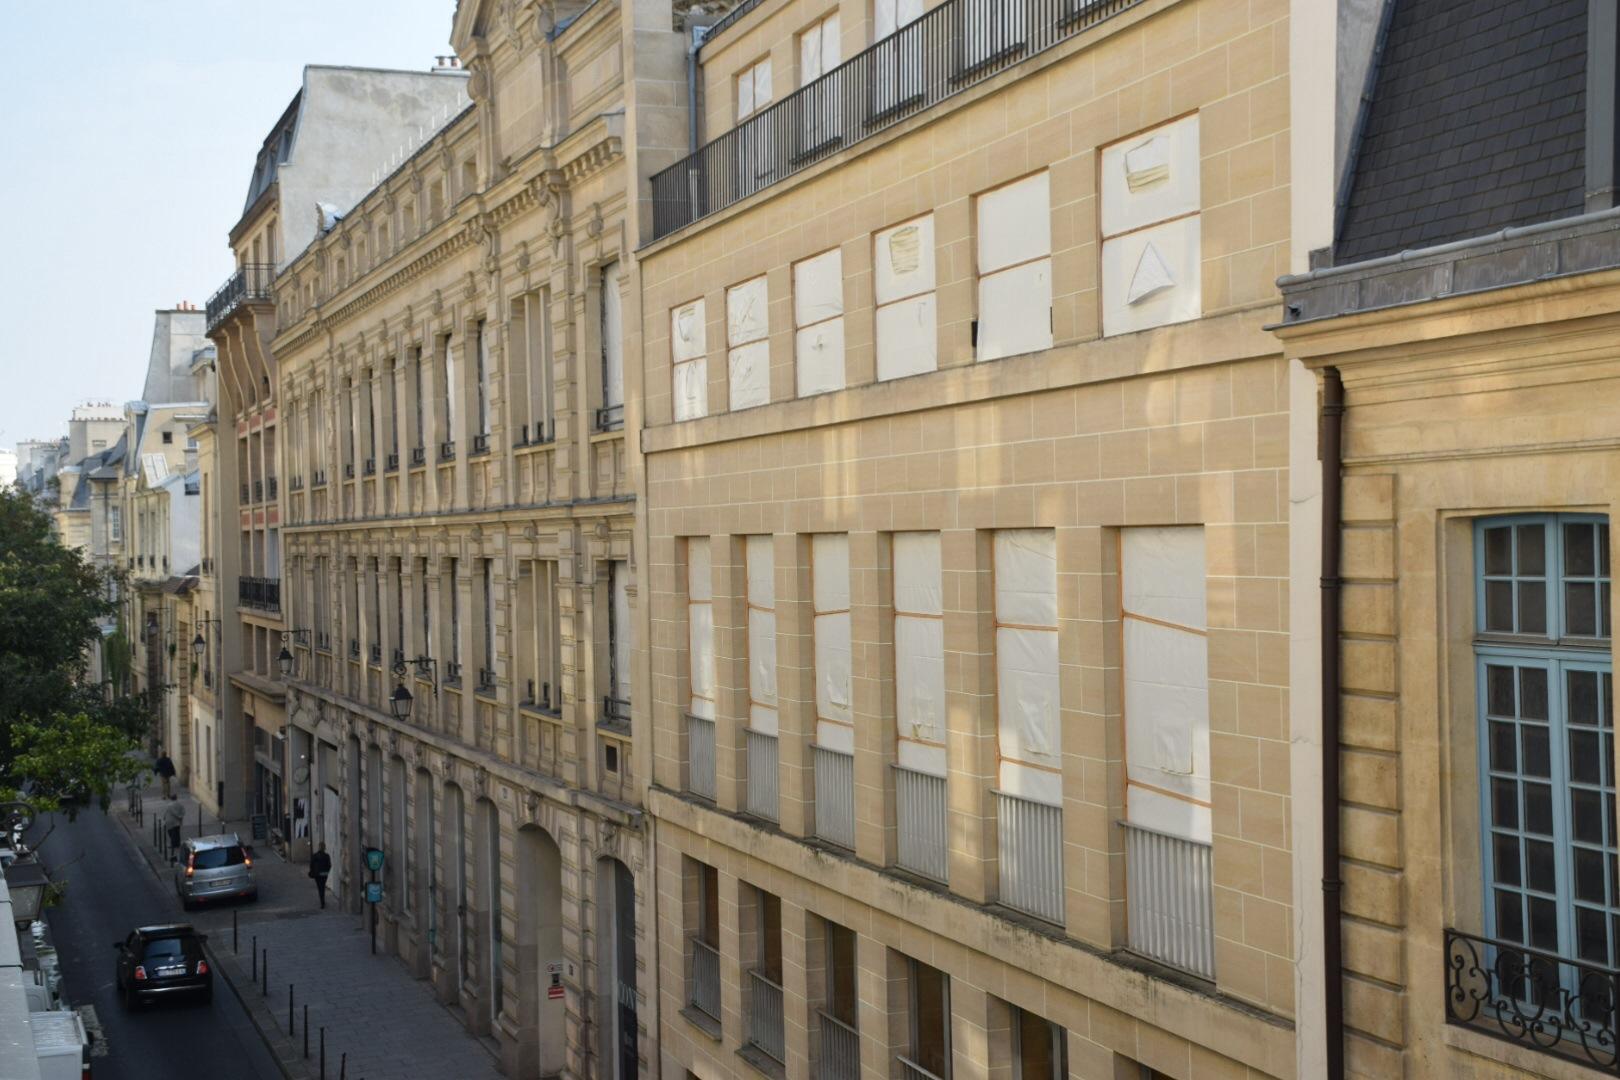 CHAMBRES DE SERVICES RUE DES ARCHIVES DANS IMMEUBLE XVIIIe SIECLE – 75003 PARIS